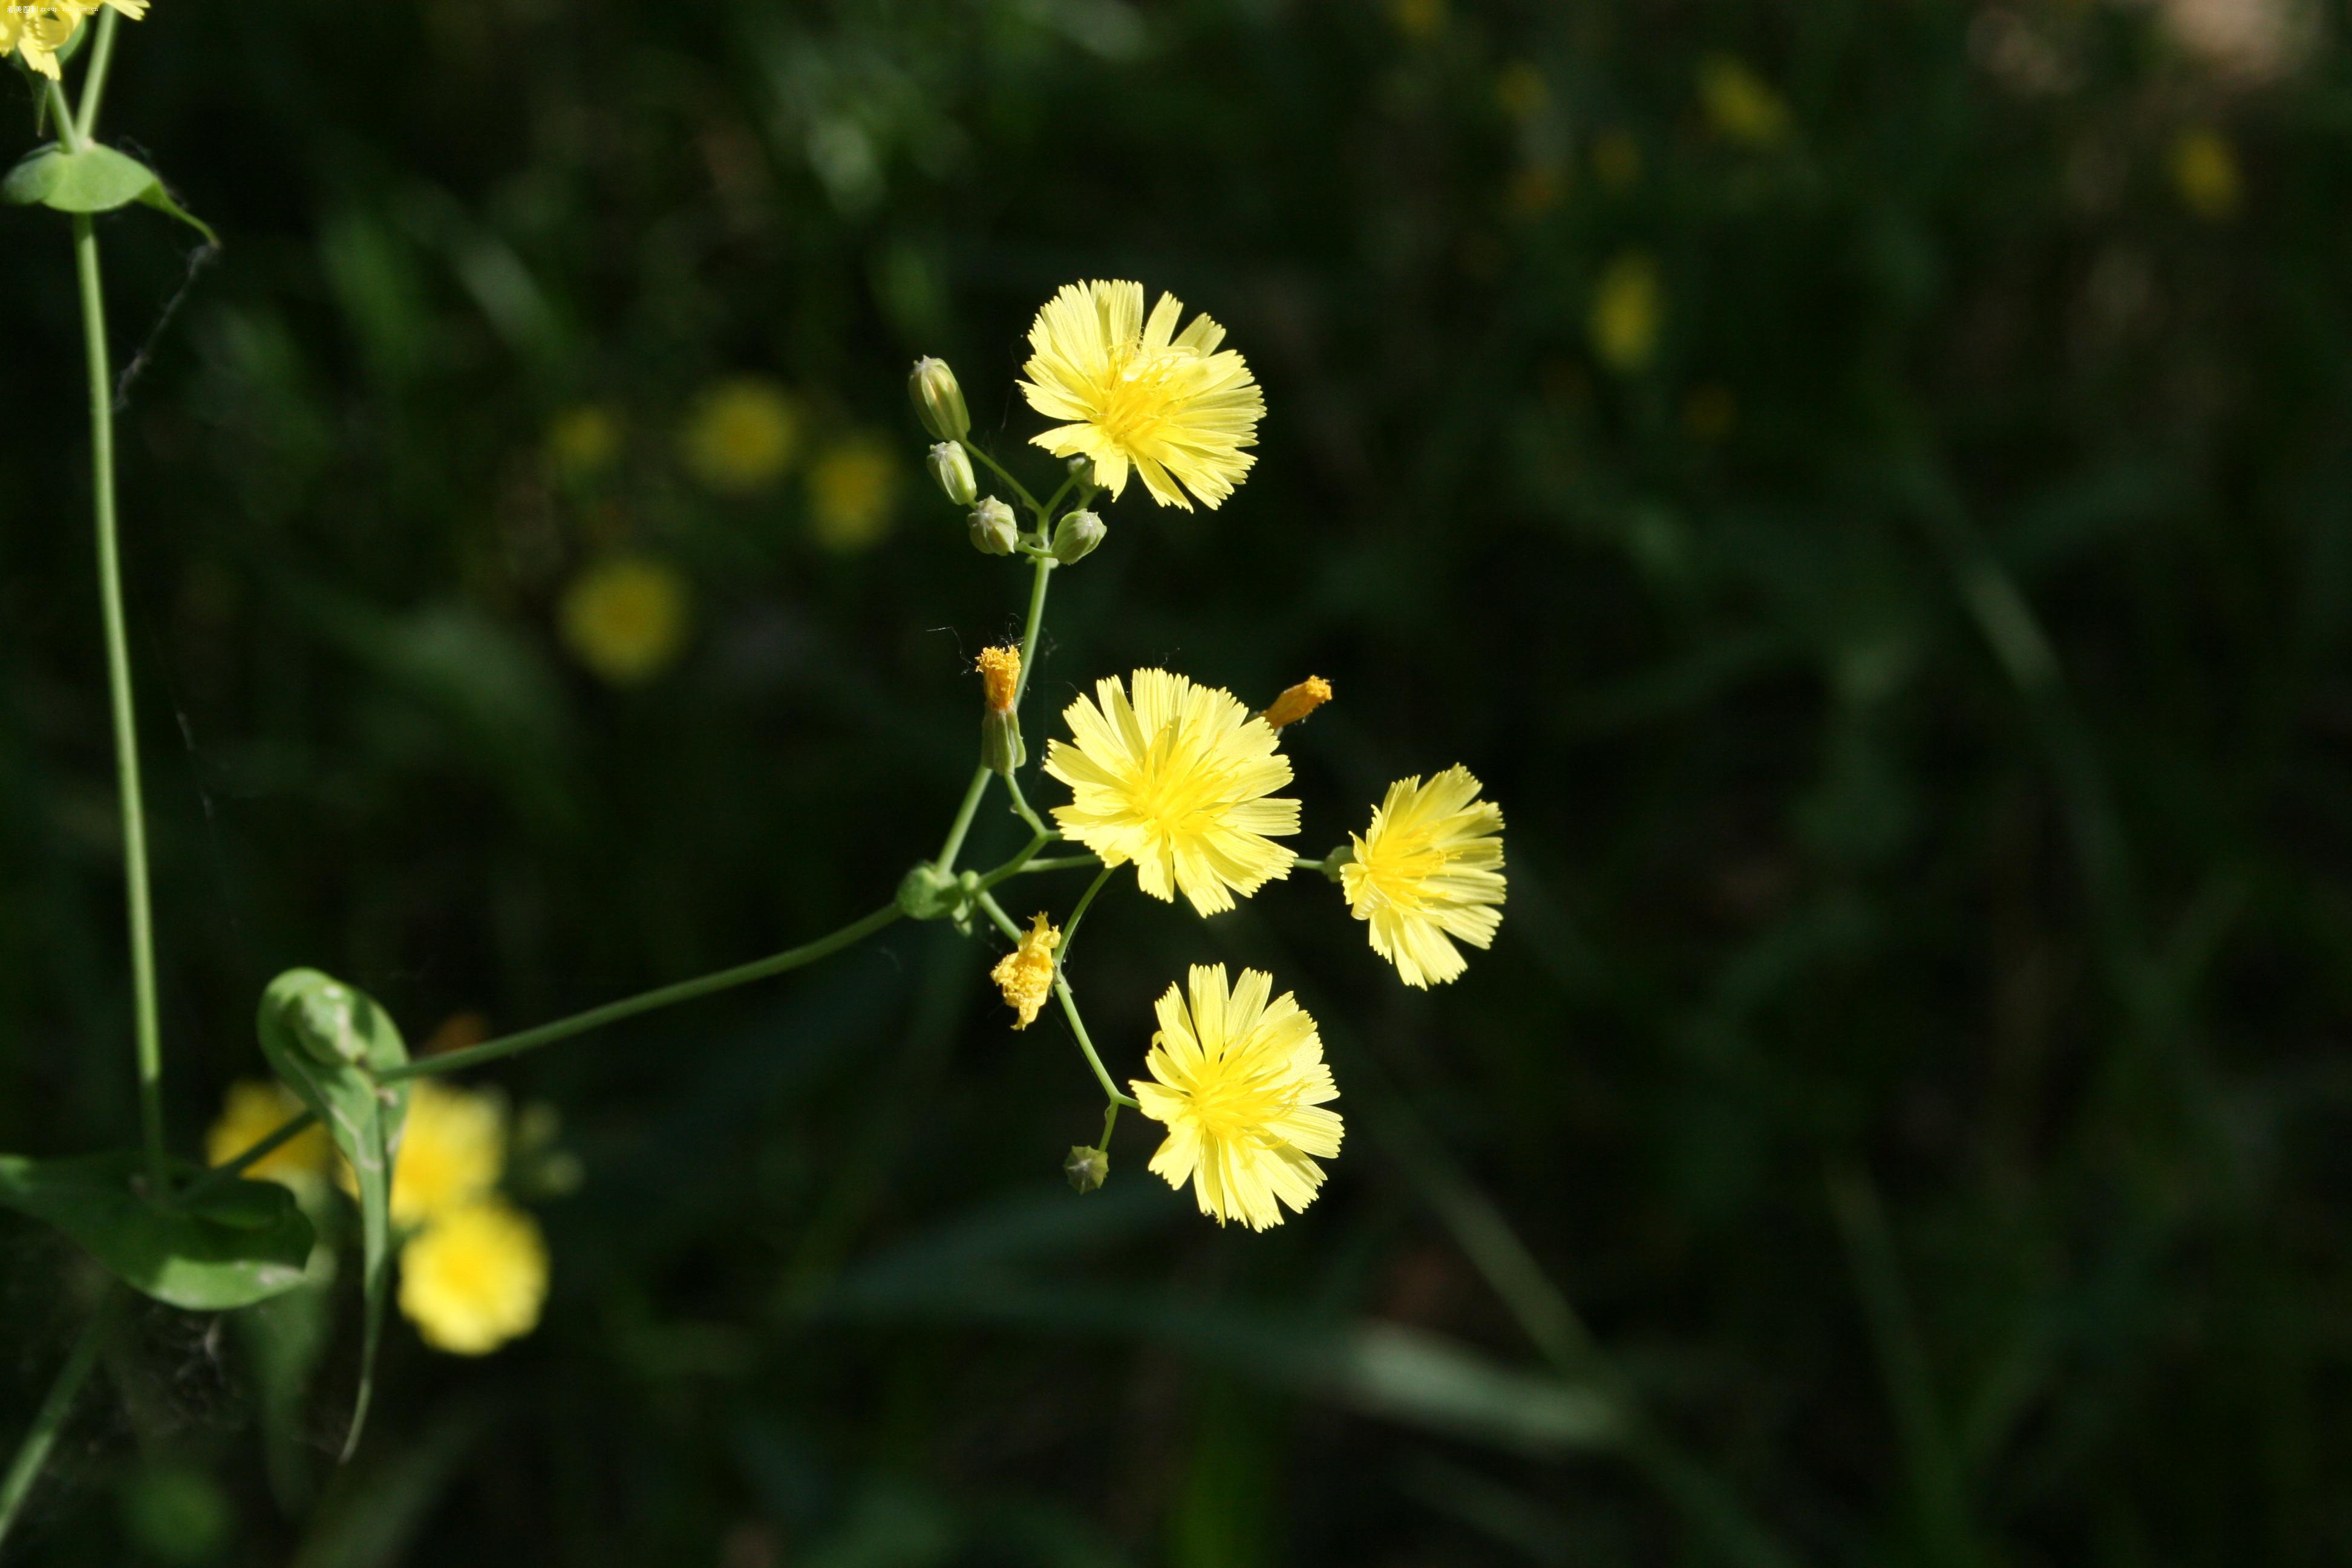 【很有立体感的花卉照片